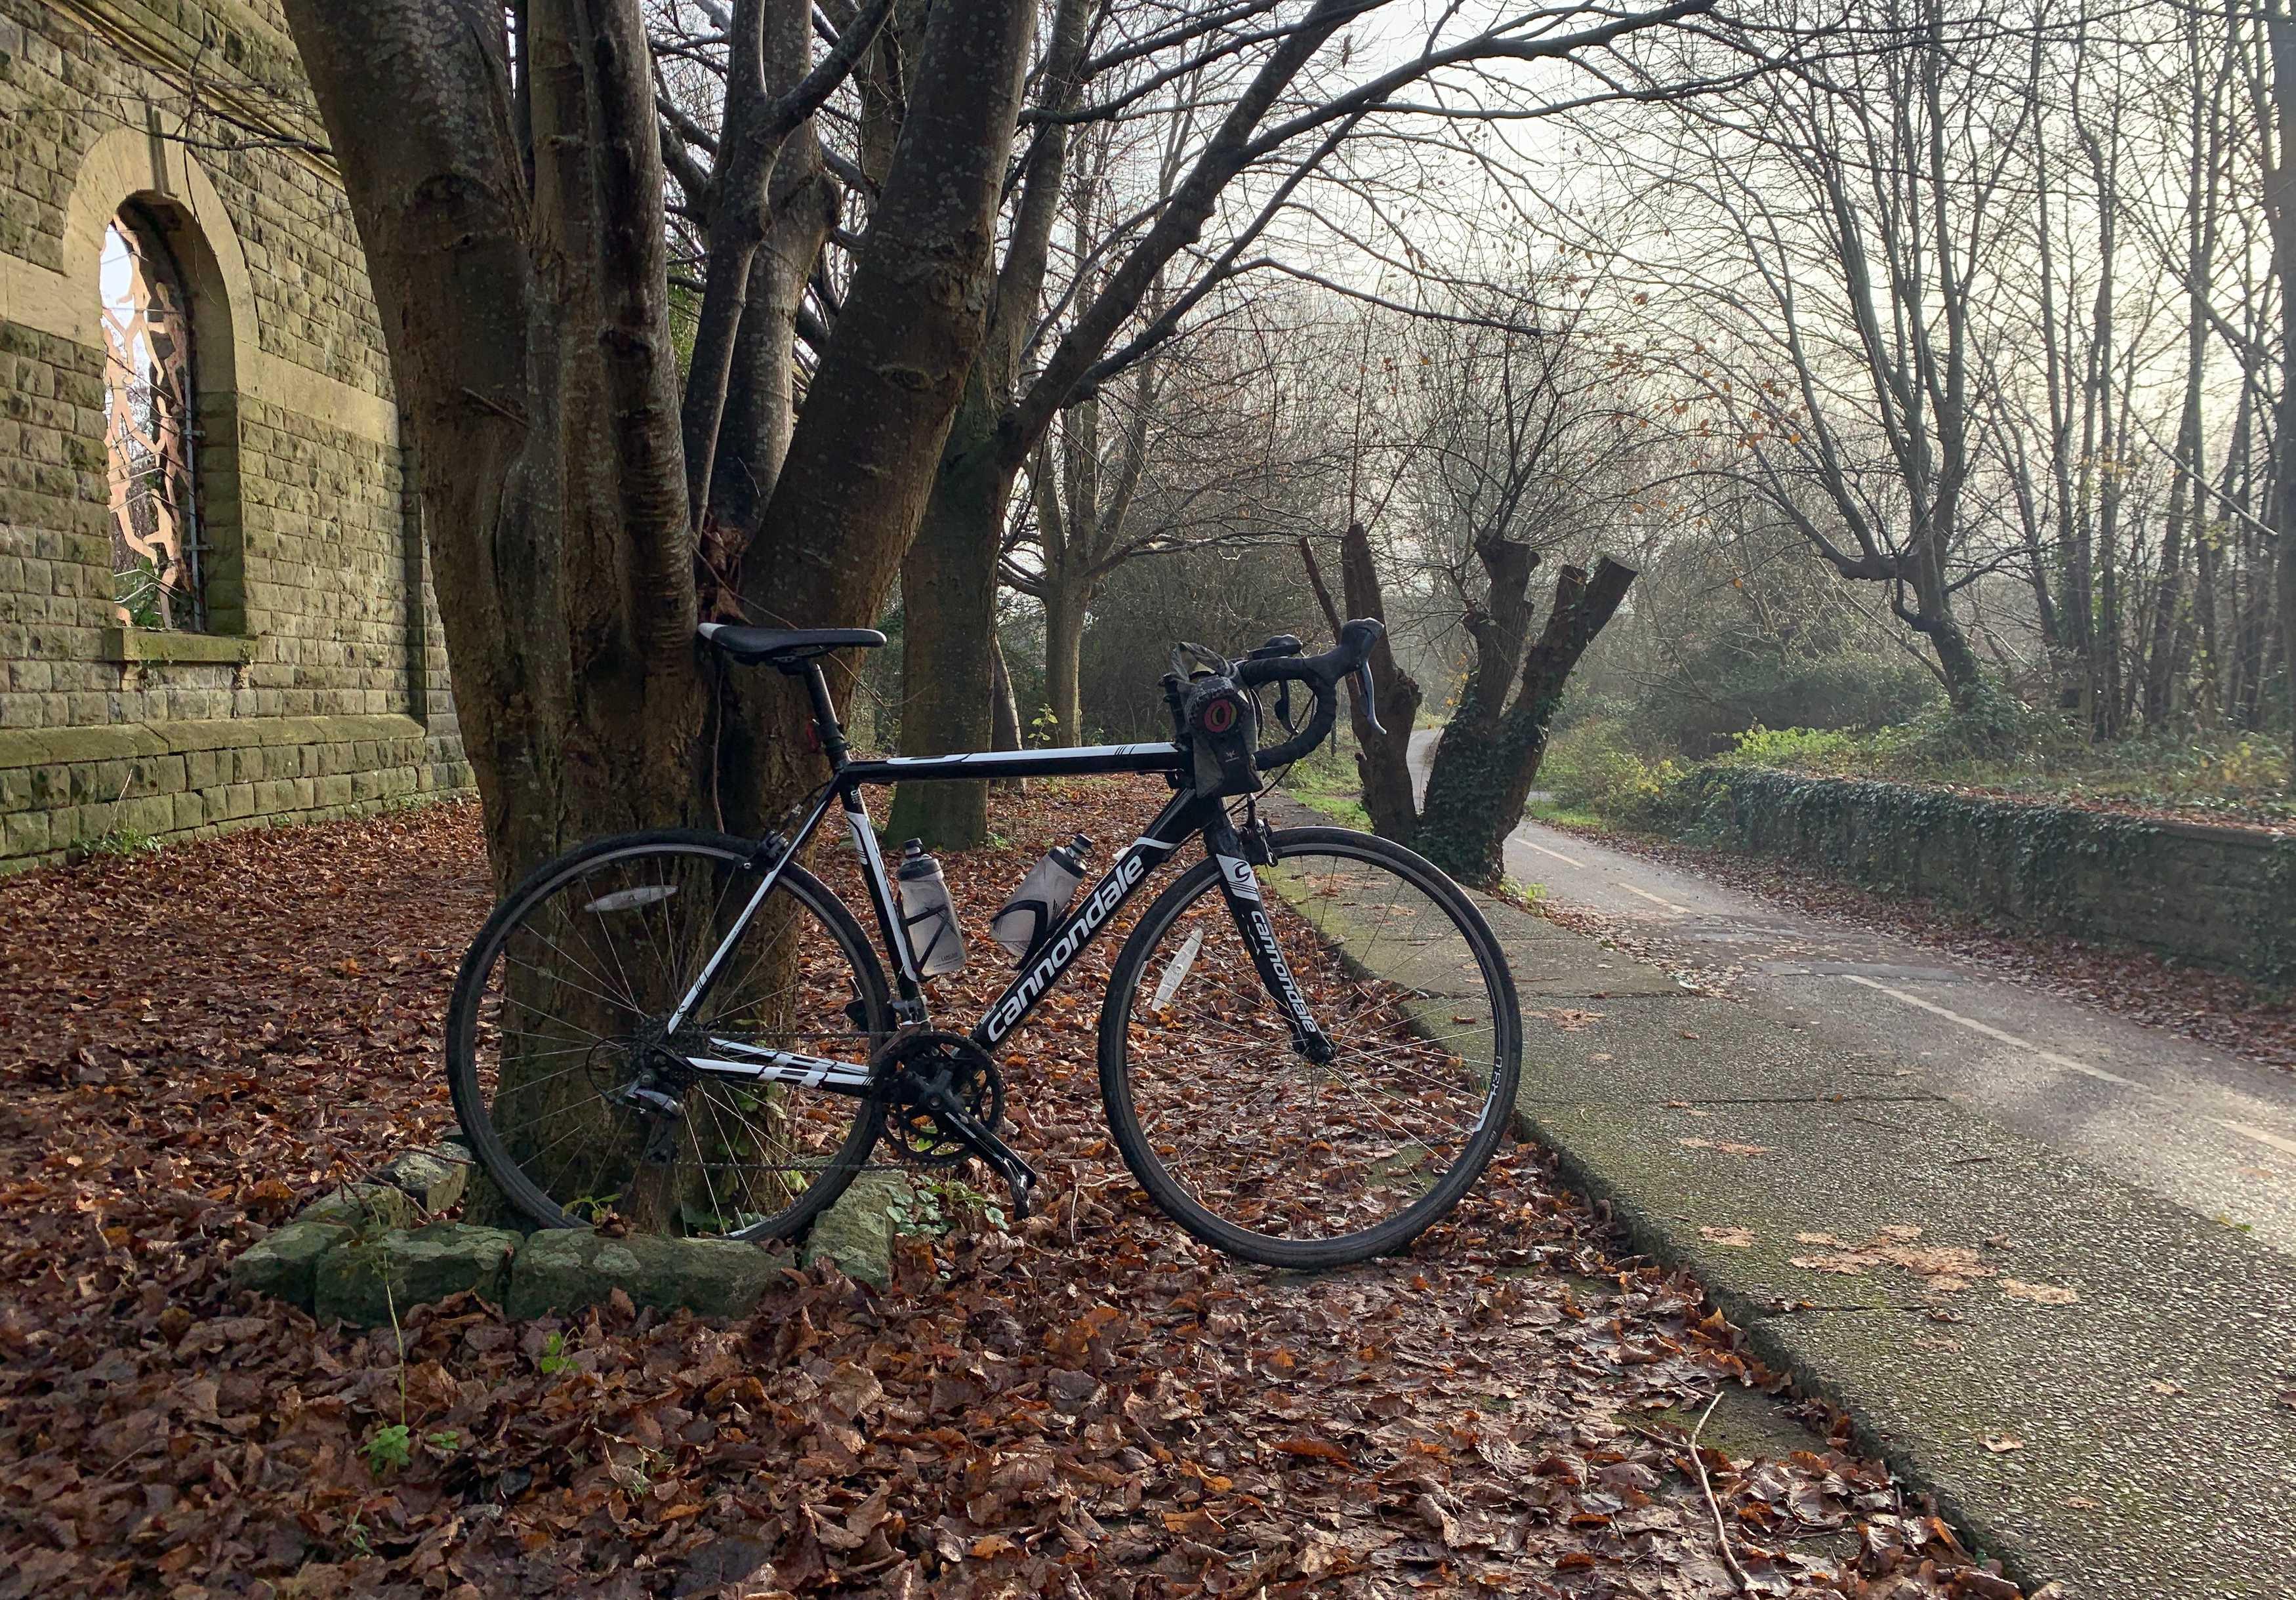 N-1 Bikes for Reforestation